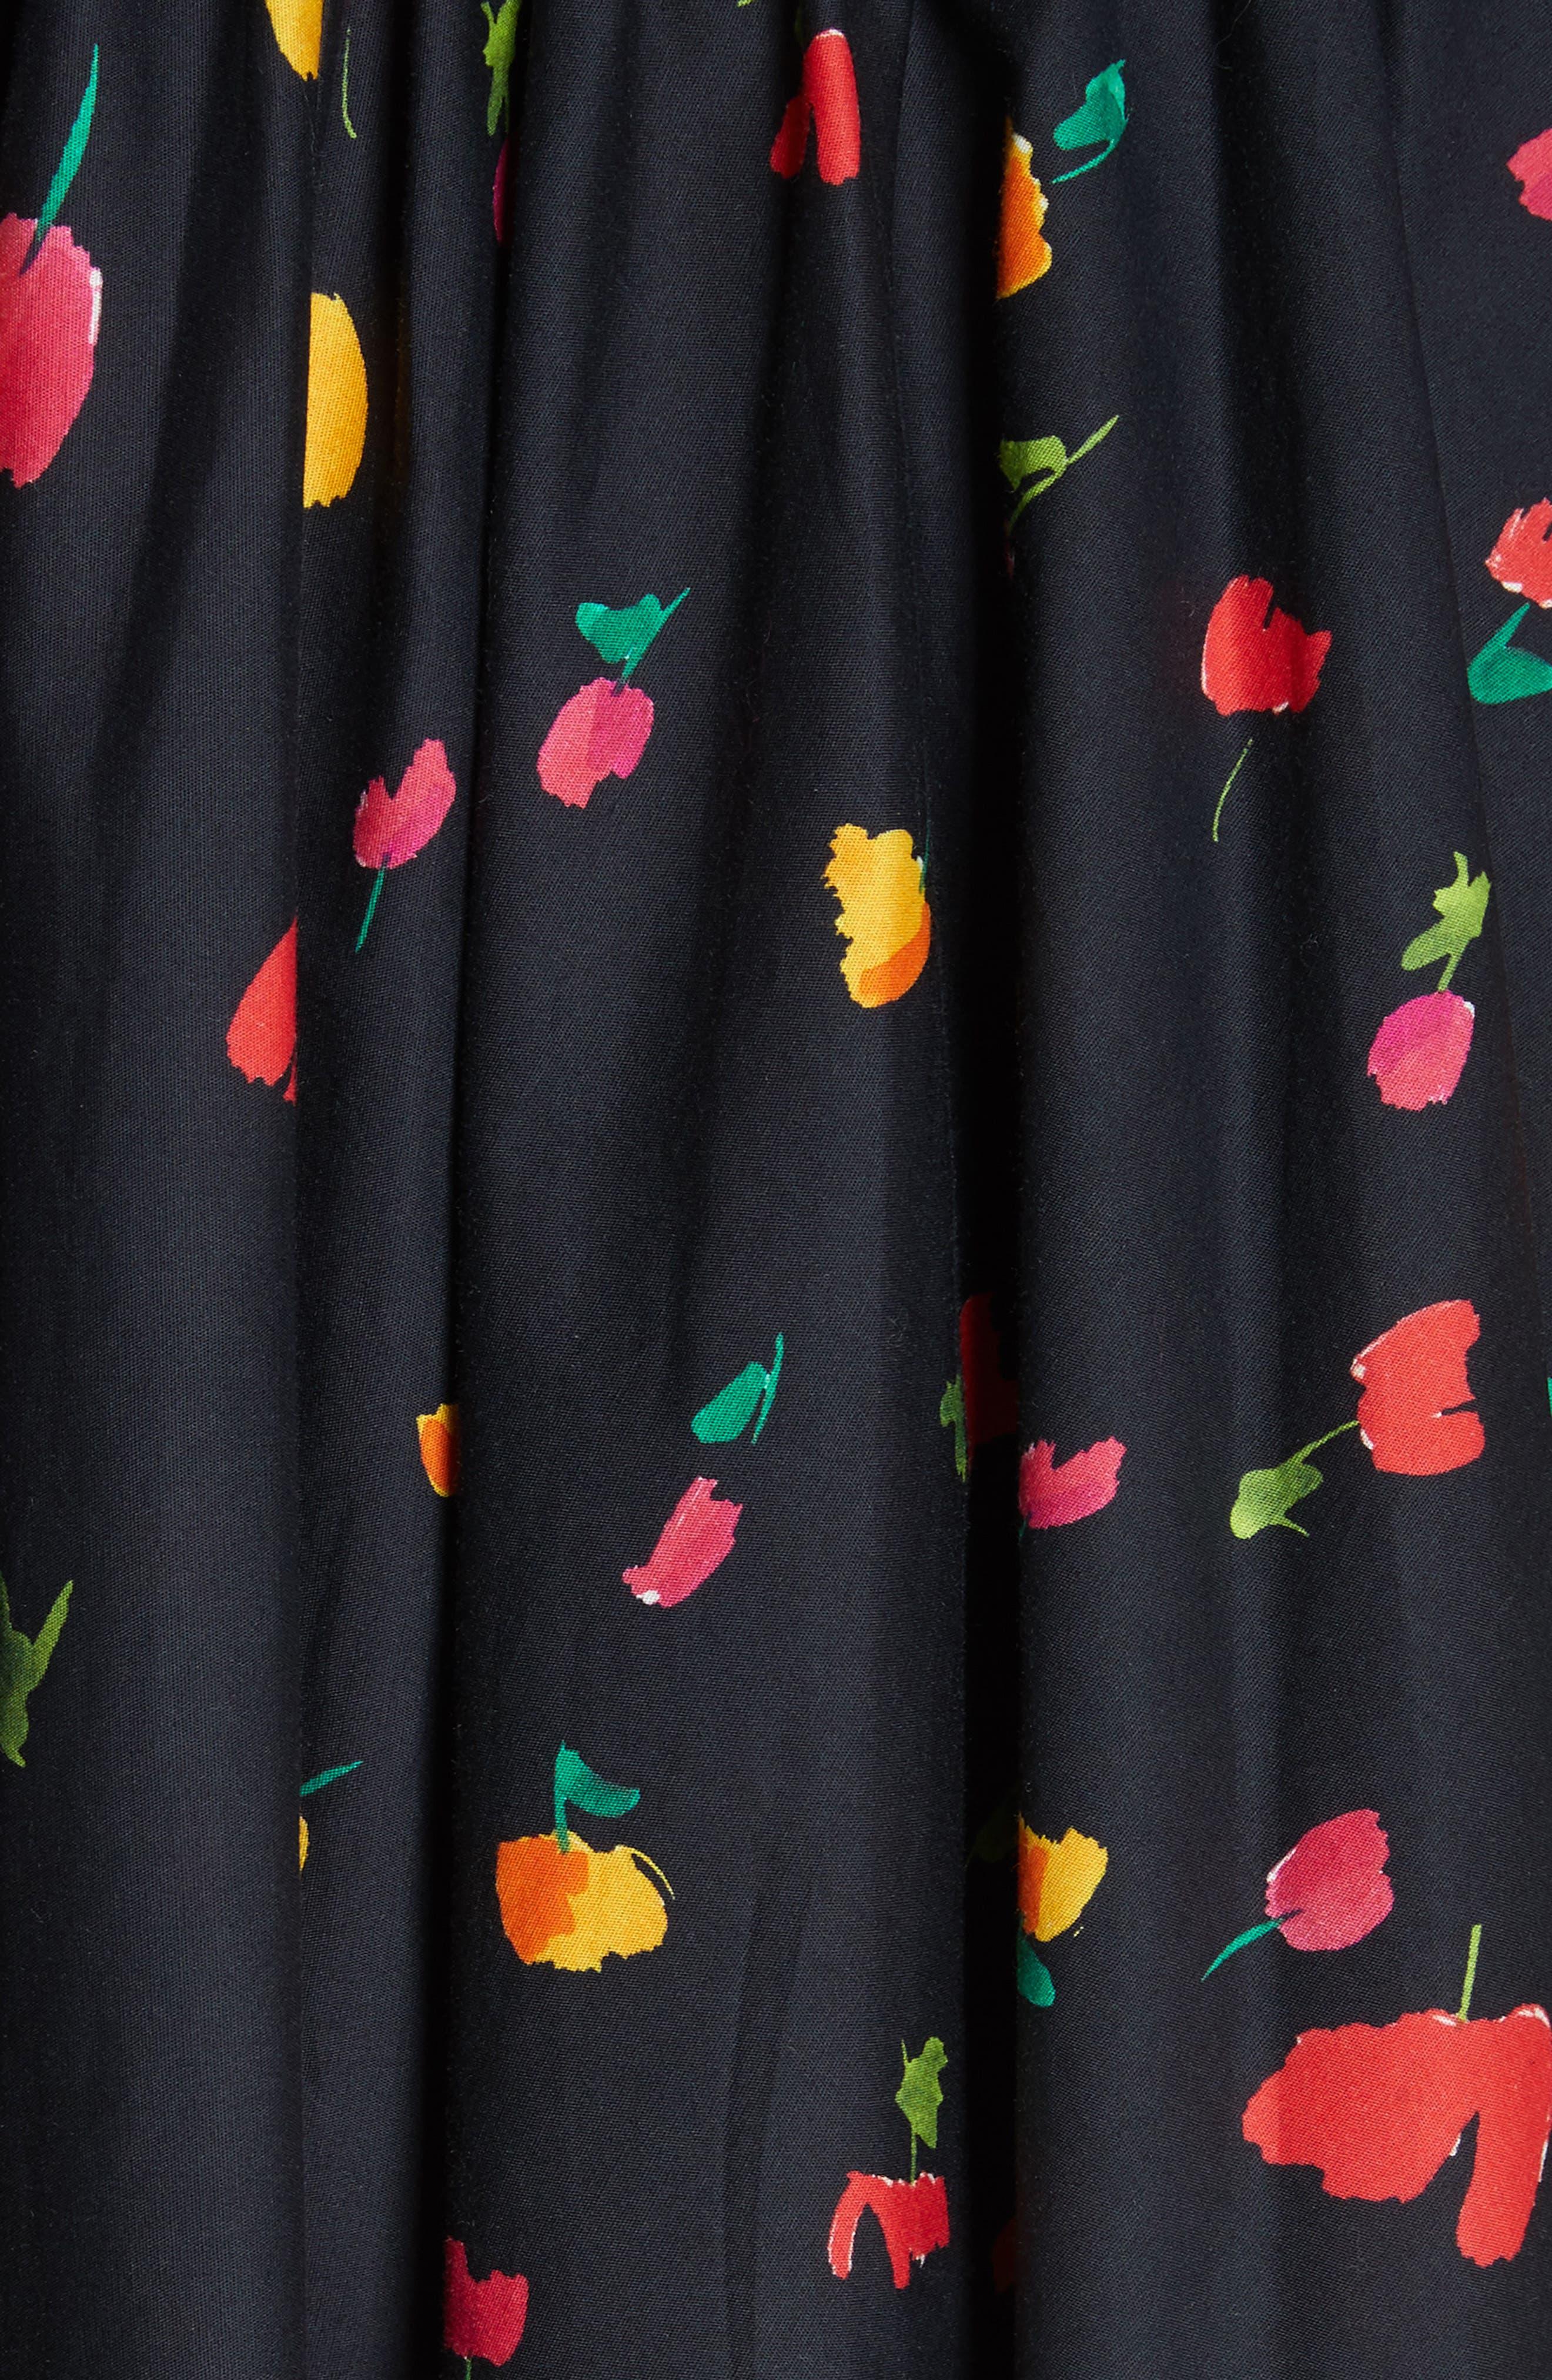 Kora Off the Shoulder Dress,                             Alternate thumbnail 5, color,                             BLACK